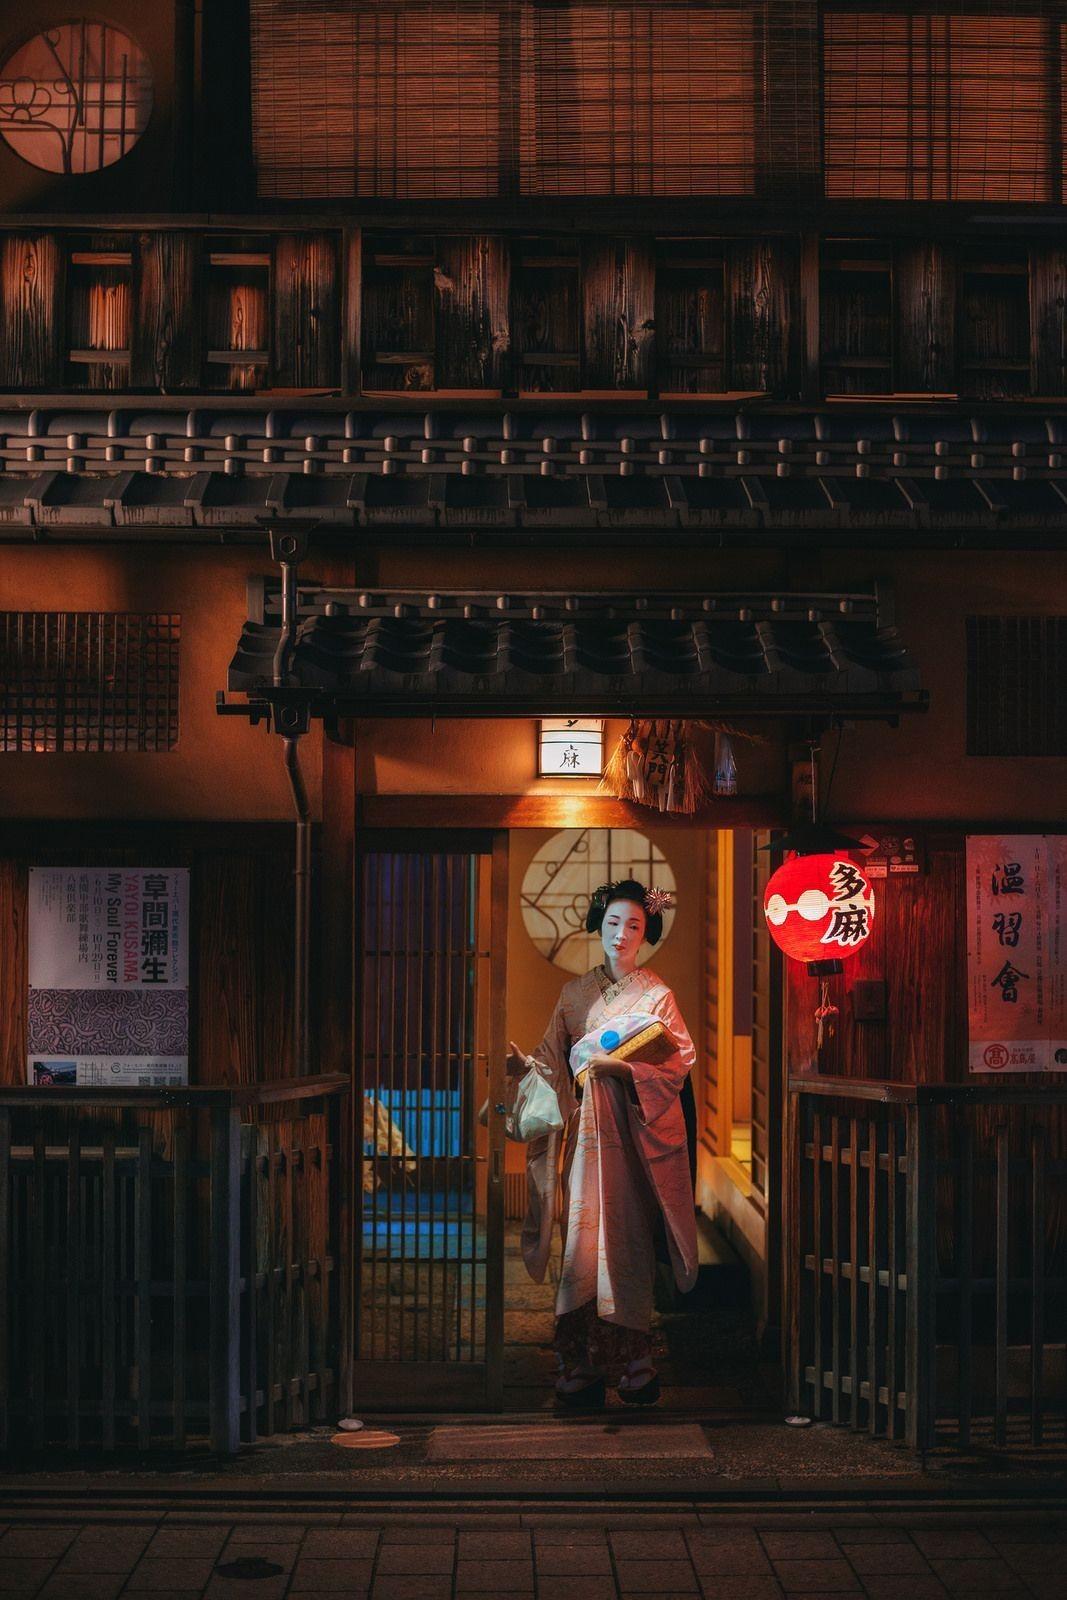 La señorita de Gion